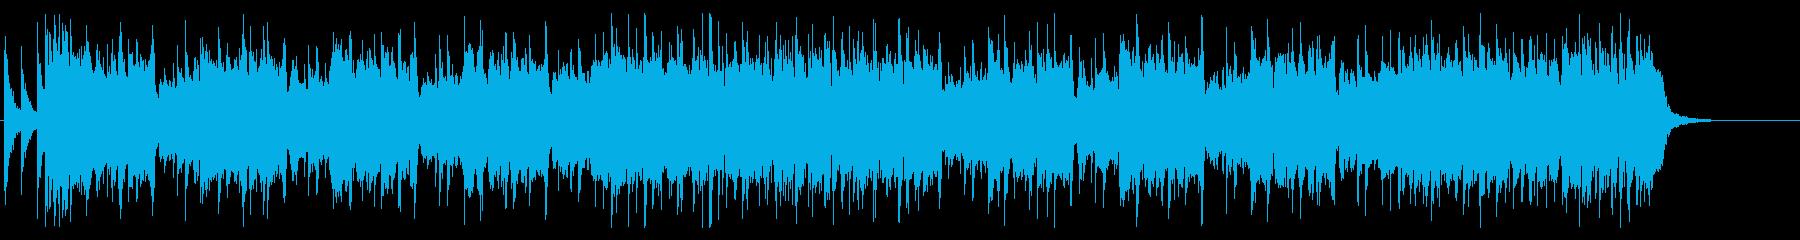 ロックギターリフ7の再生済みの波形